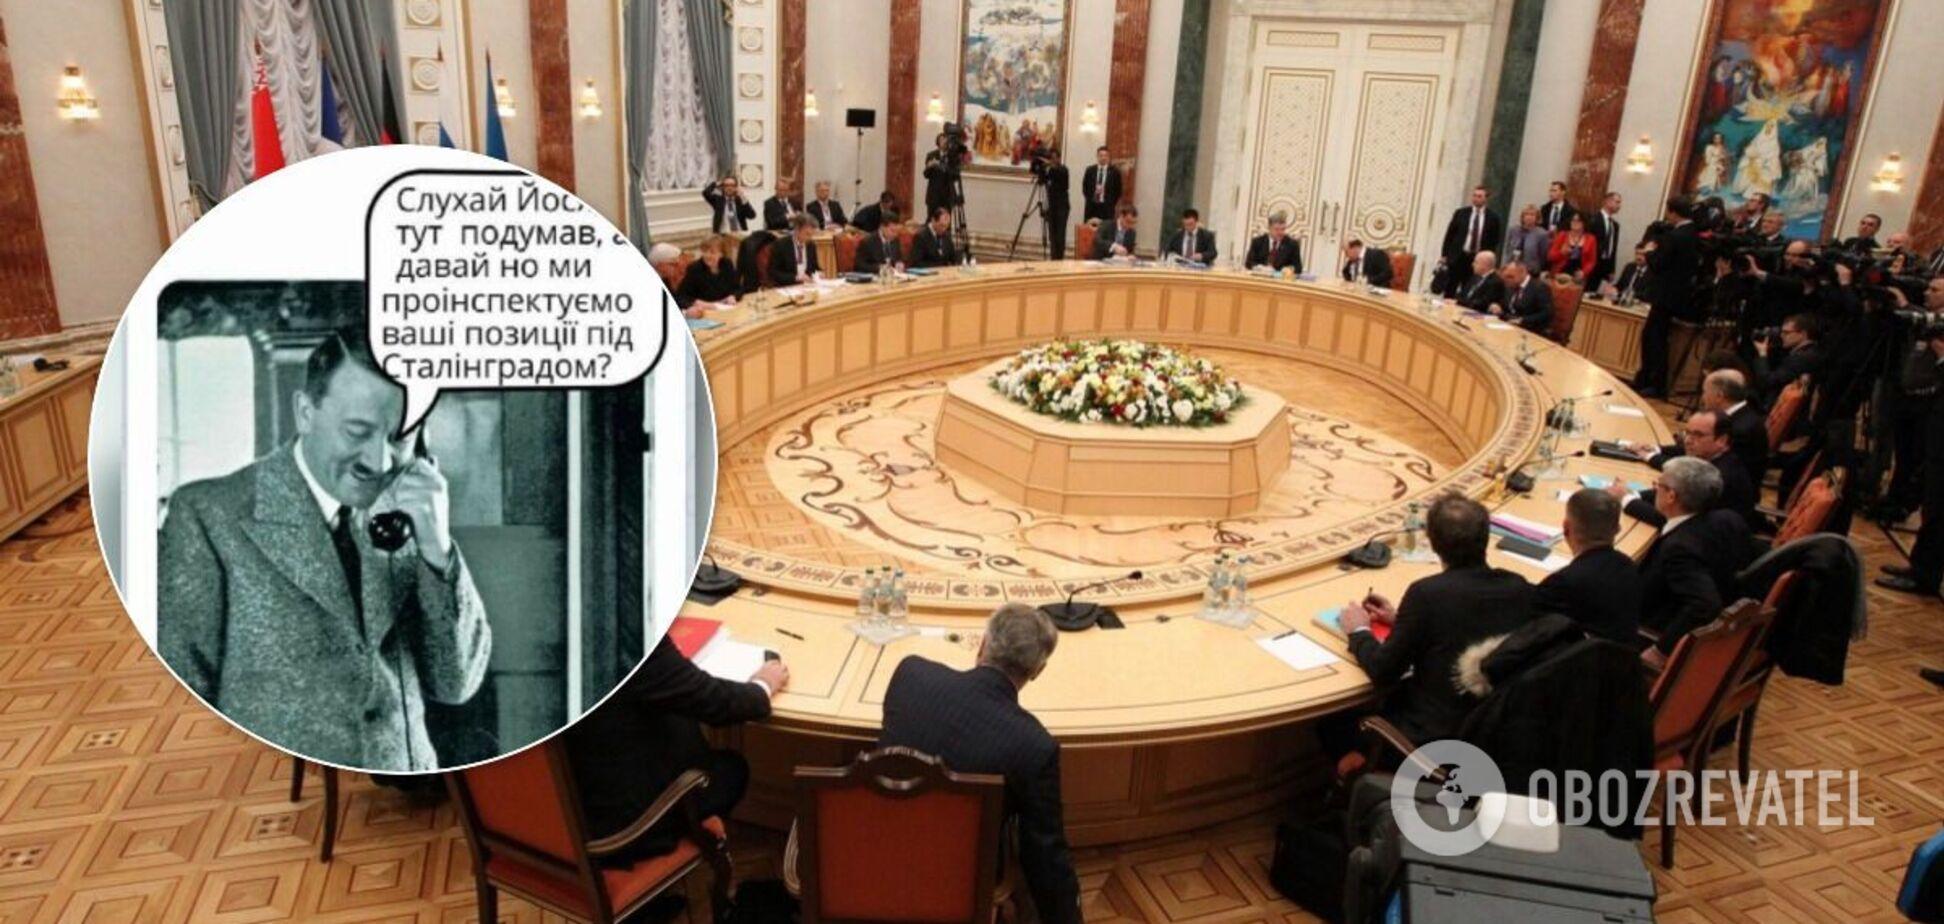 Українці негативно сприйняли рішення ТКГ по інспекції позицій ЗСУ